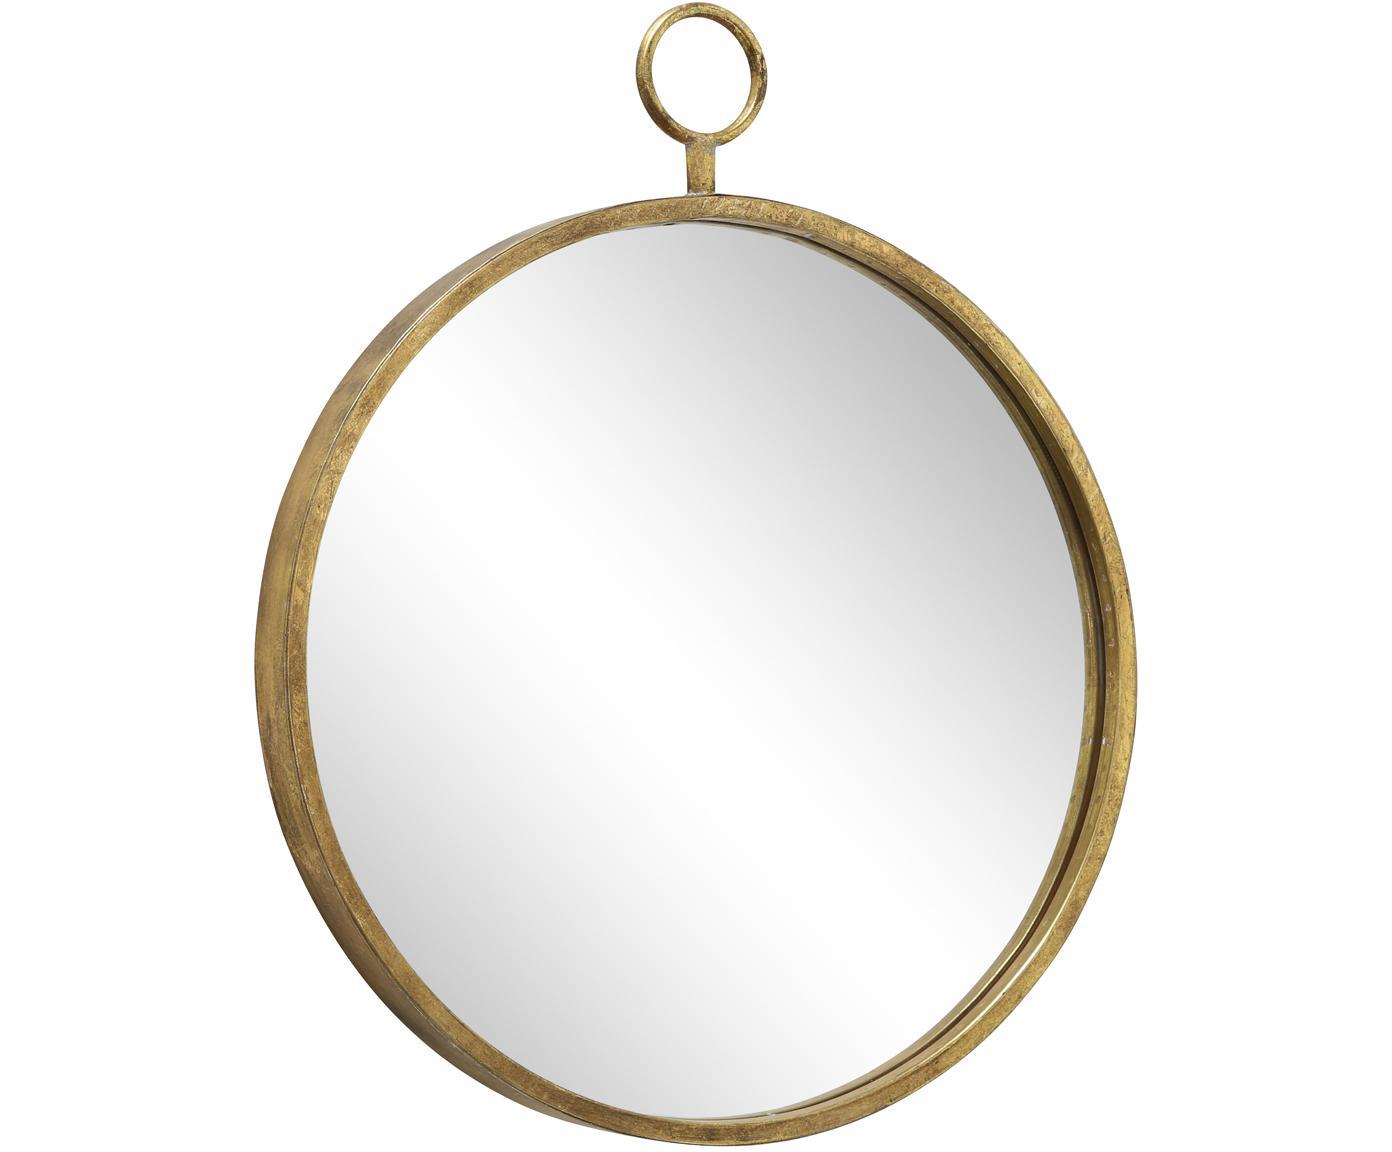 Ronde wandspiegel Prado, Metaal, spiegelglas, Messingkleurig, B 55 cm